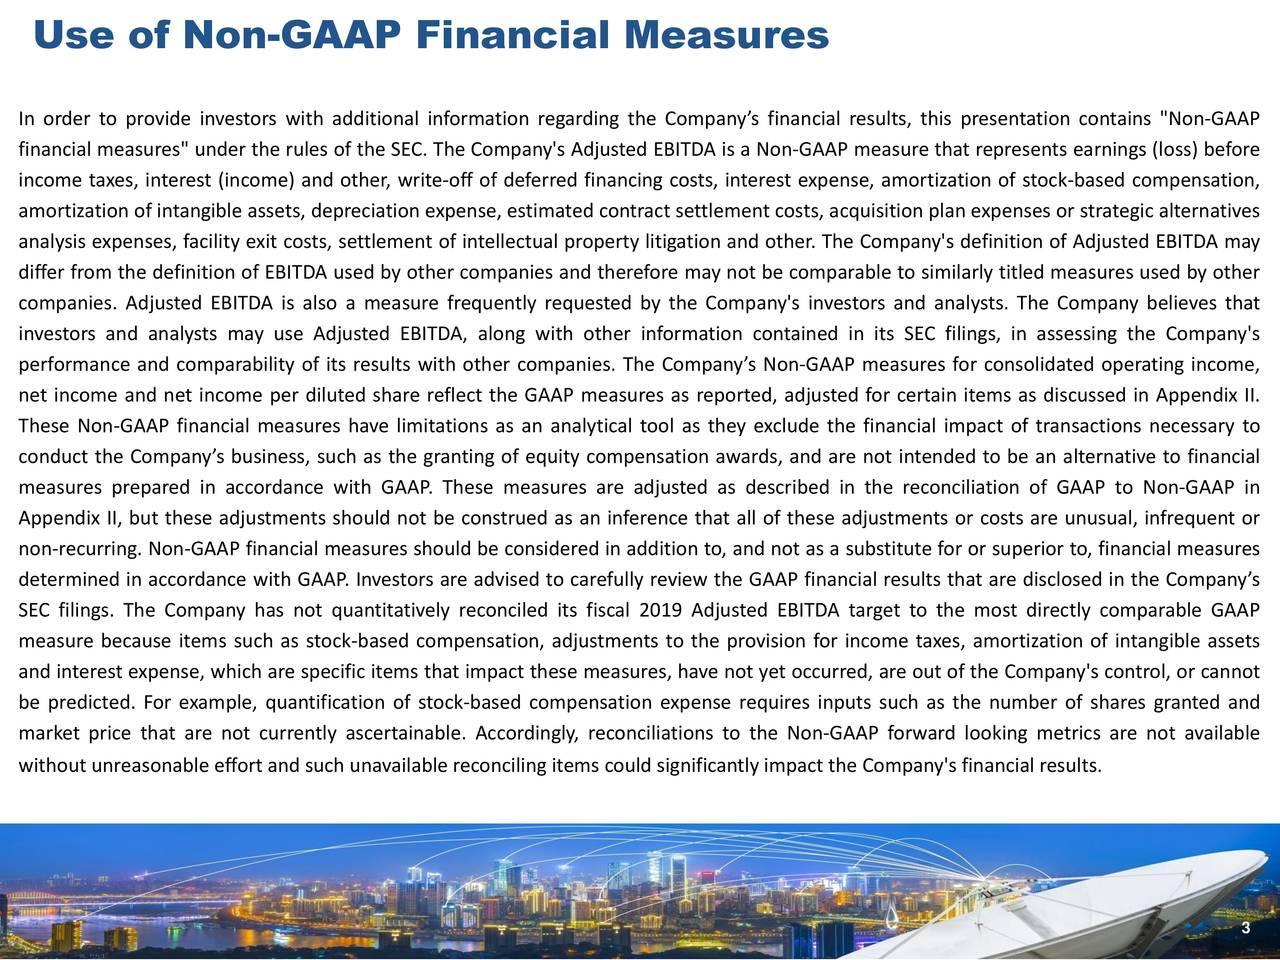 Use of Non-GAAP Financial Measures